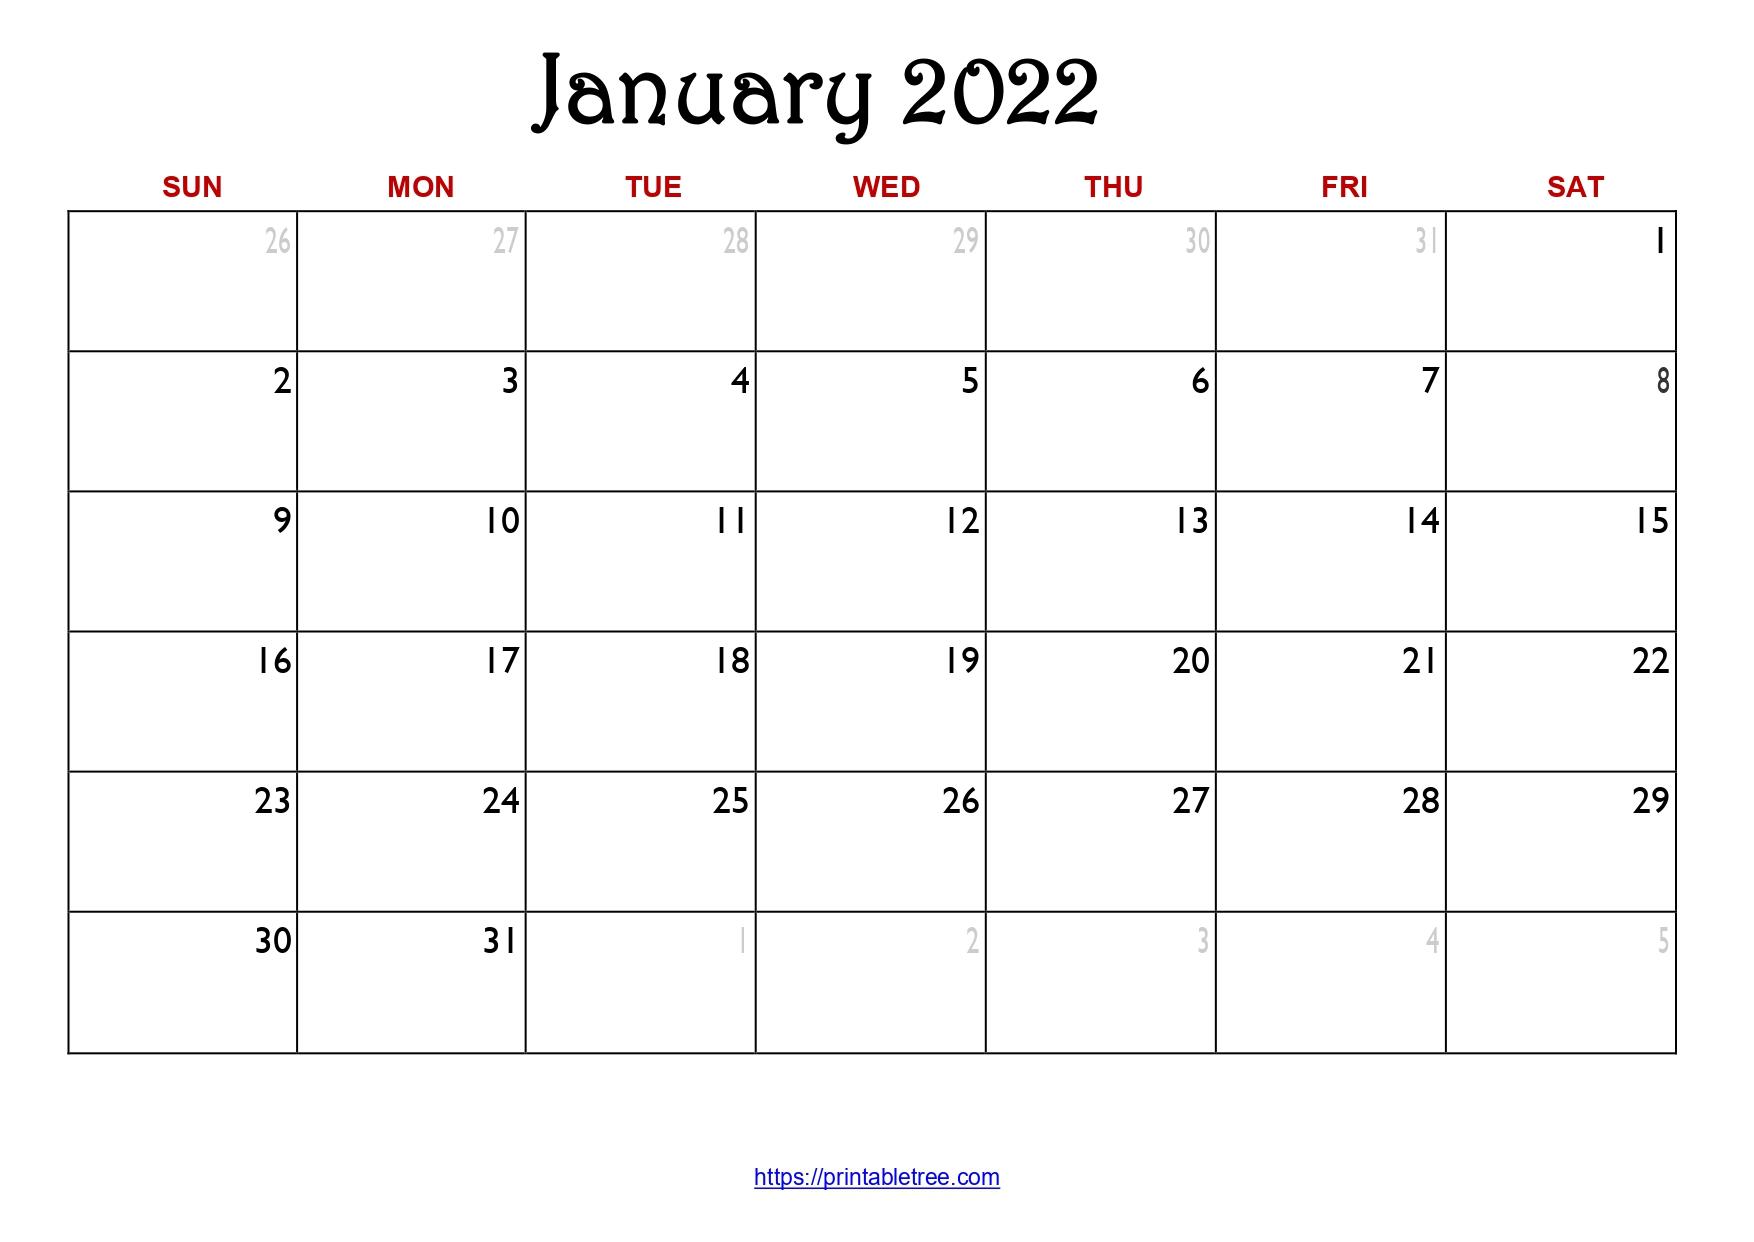 Original Monthly Calendar January 2022